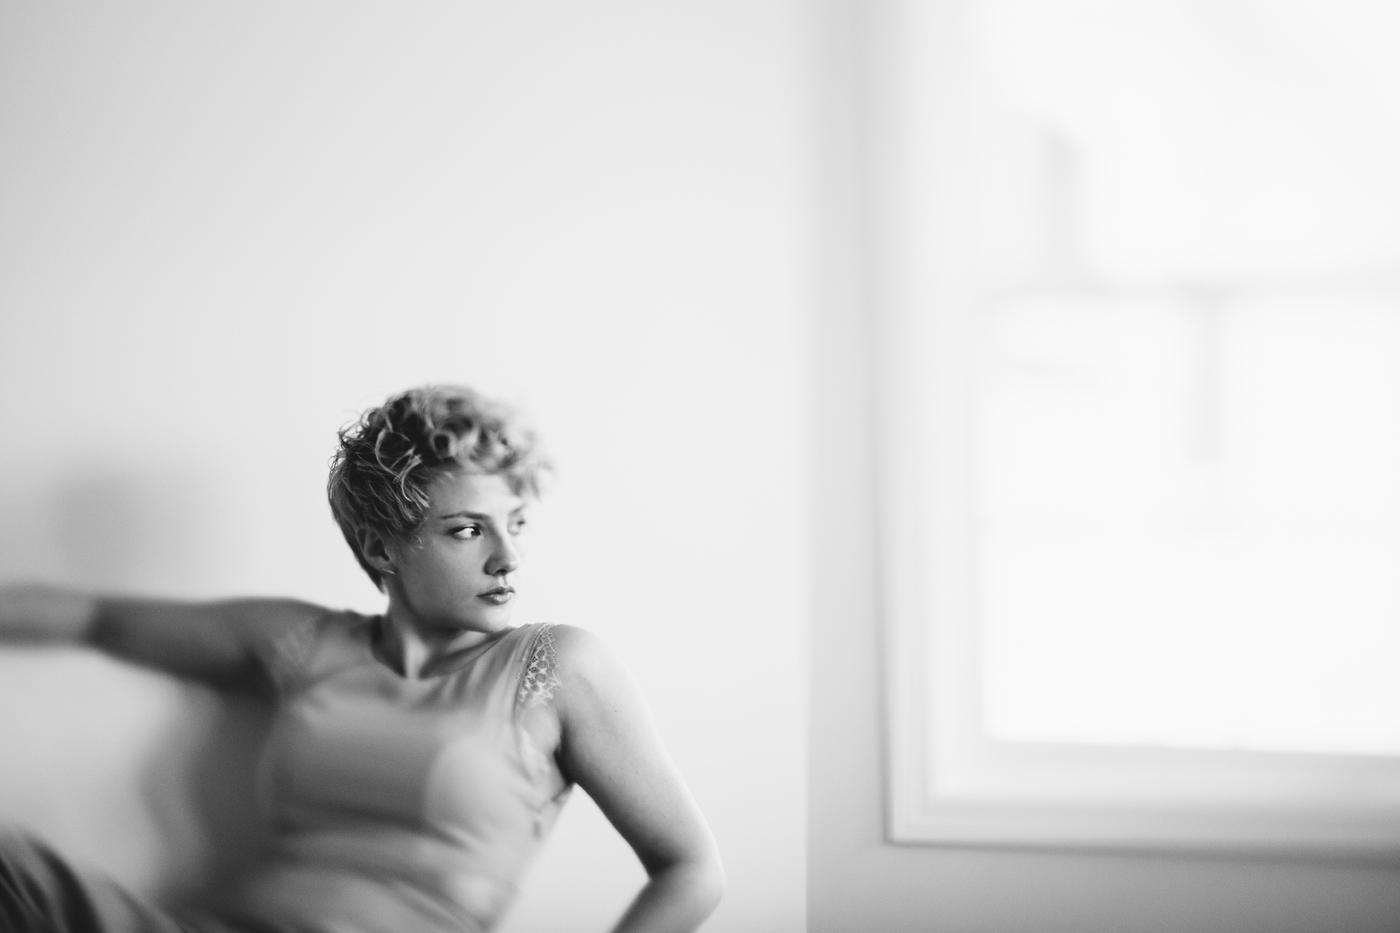 'Working on Loving Me' by Kyla Ewert